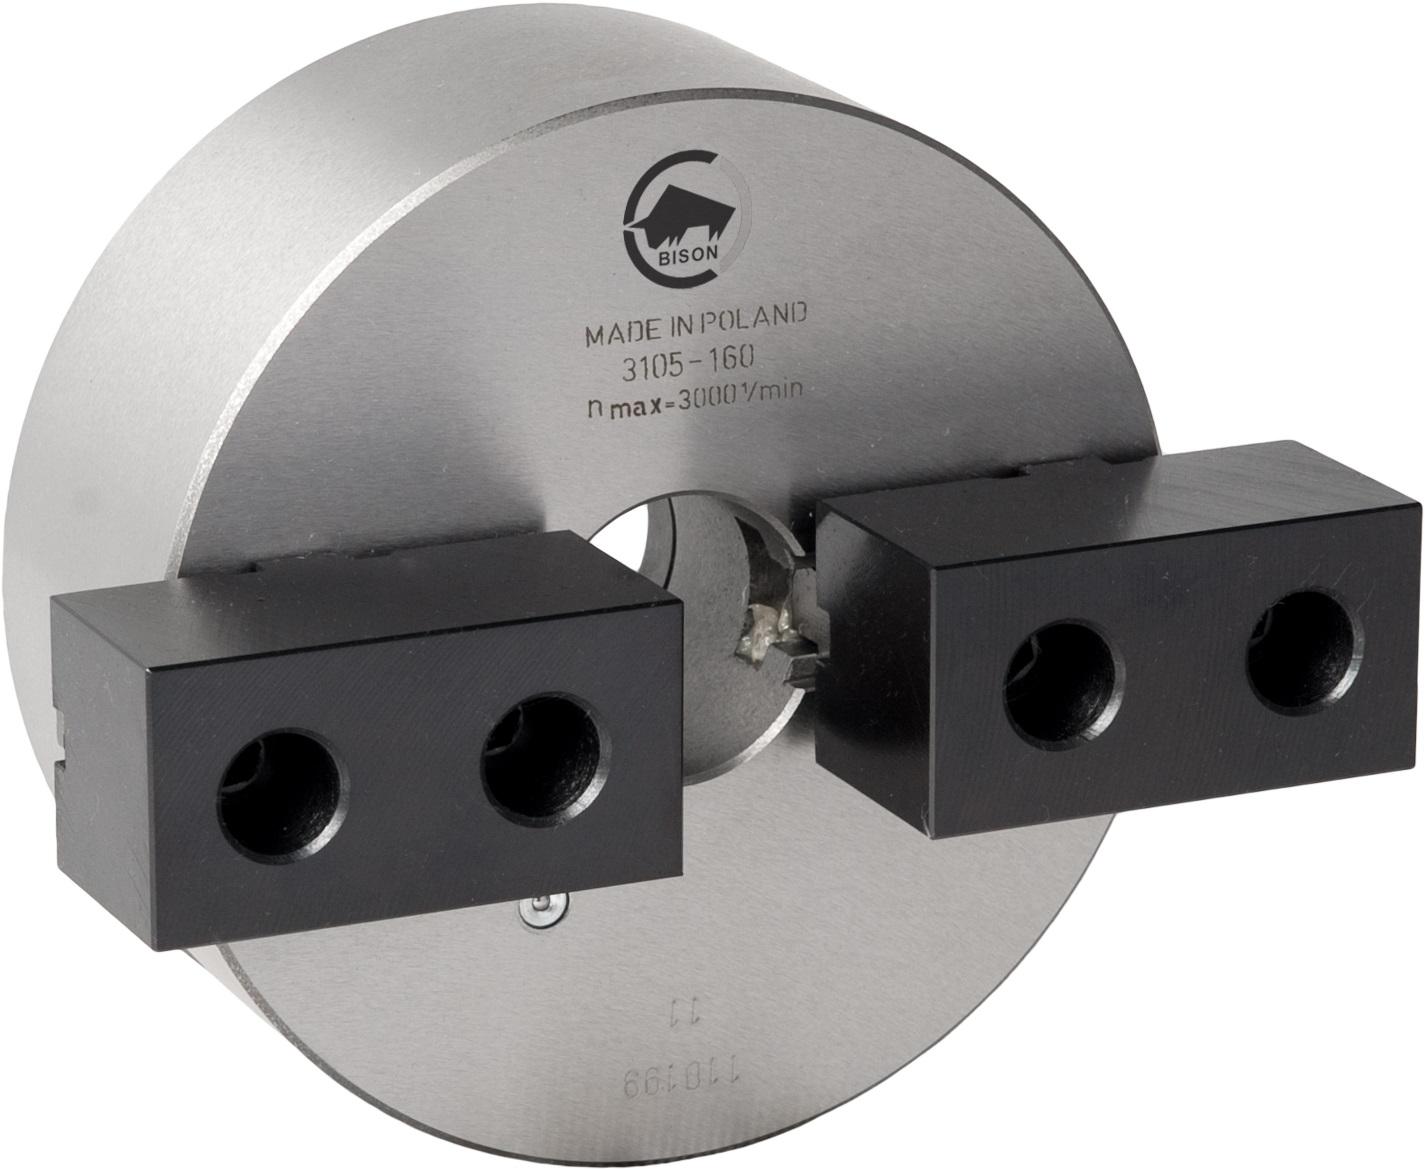 2-čelistní samostředicí spirálové sklíčidlo 3105